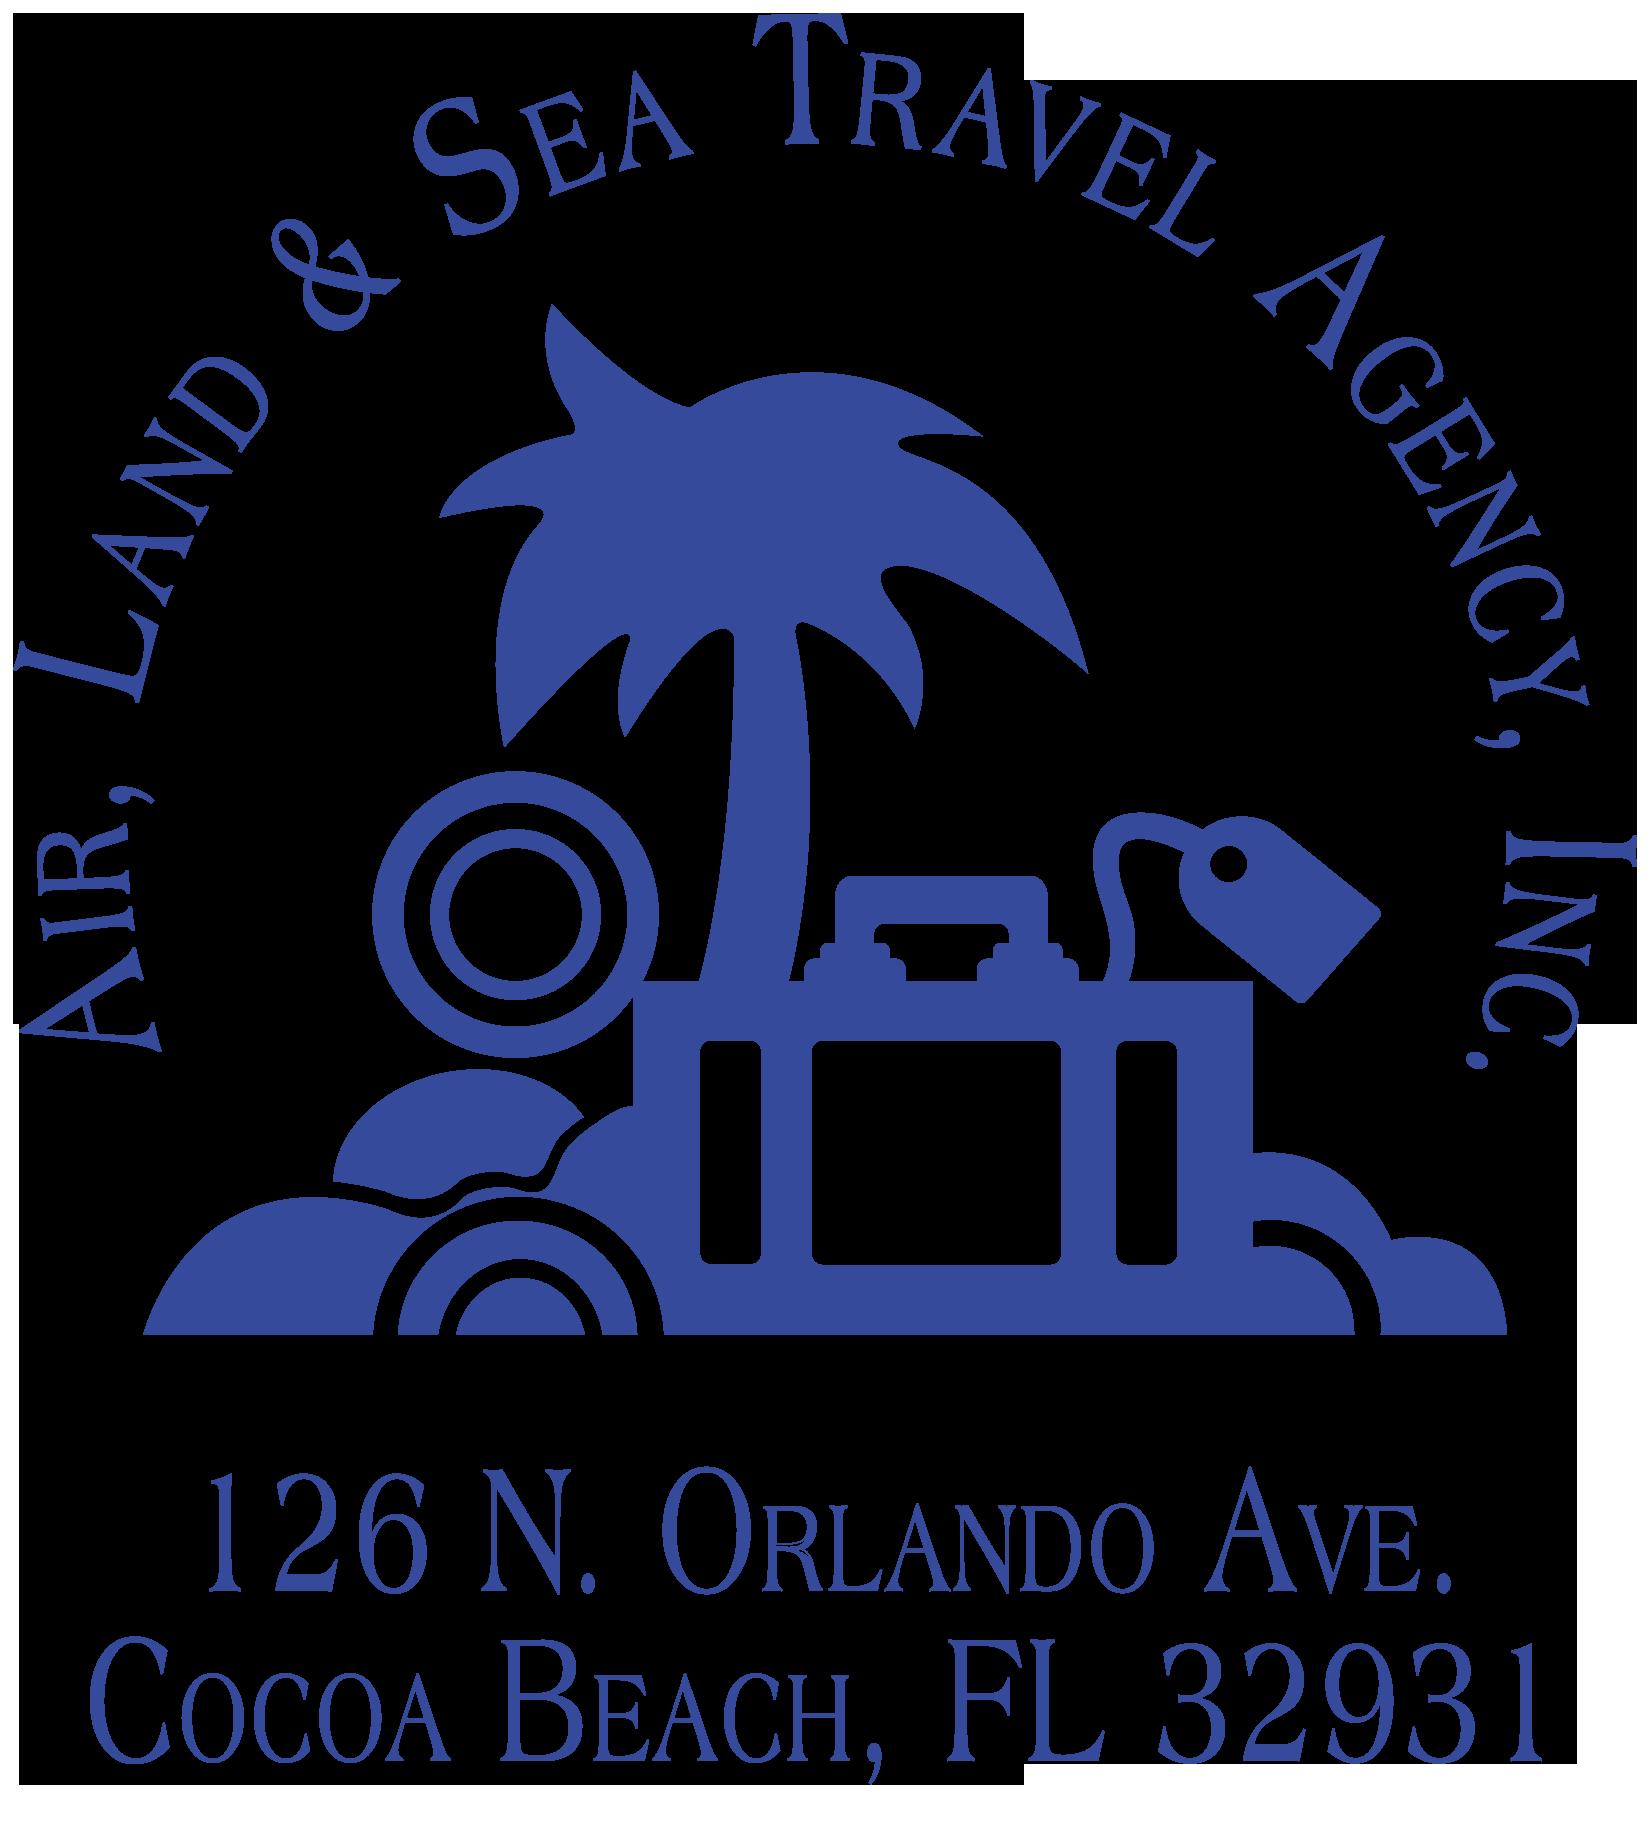 Air, Land and Sea Travel ATC